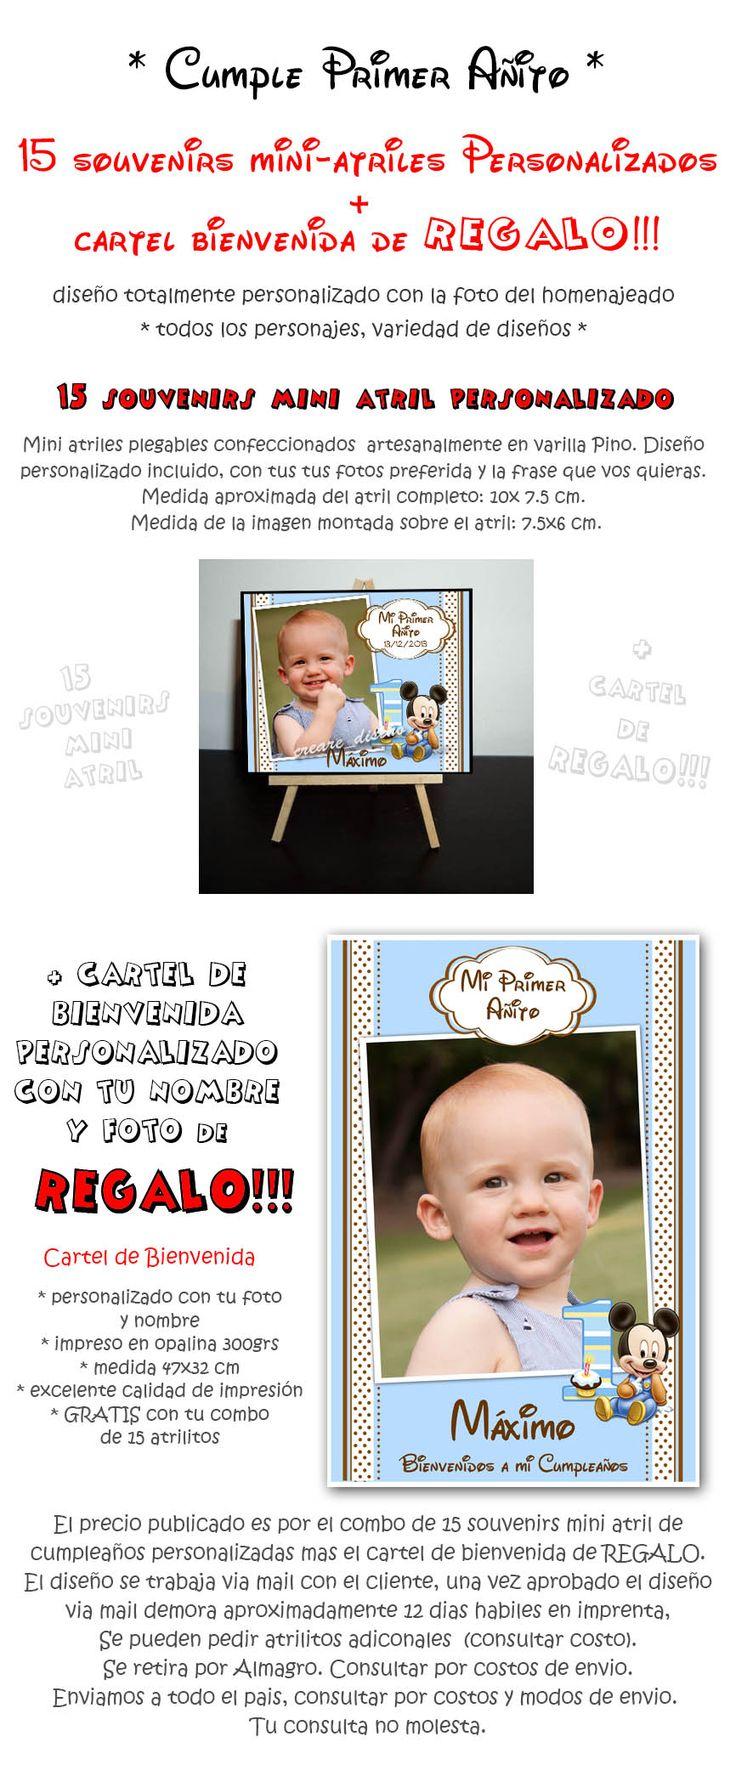 Primer Añito Cumple 15 Souvenirs Atriles + Cartel De Regalo - $ 300,00 en MercadoLibre